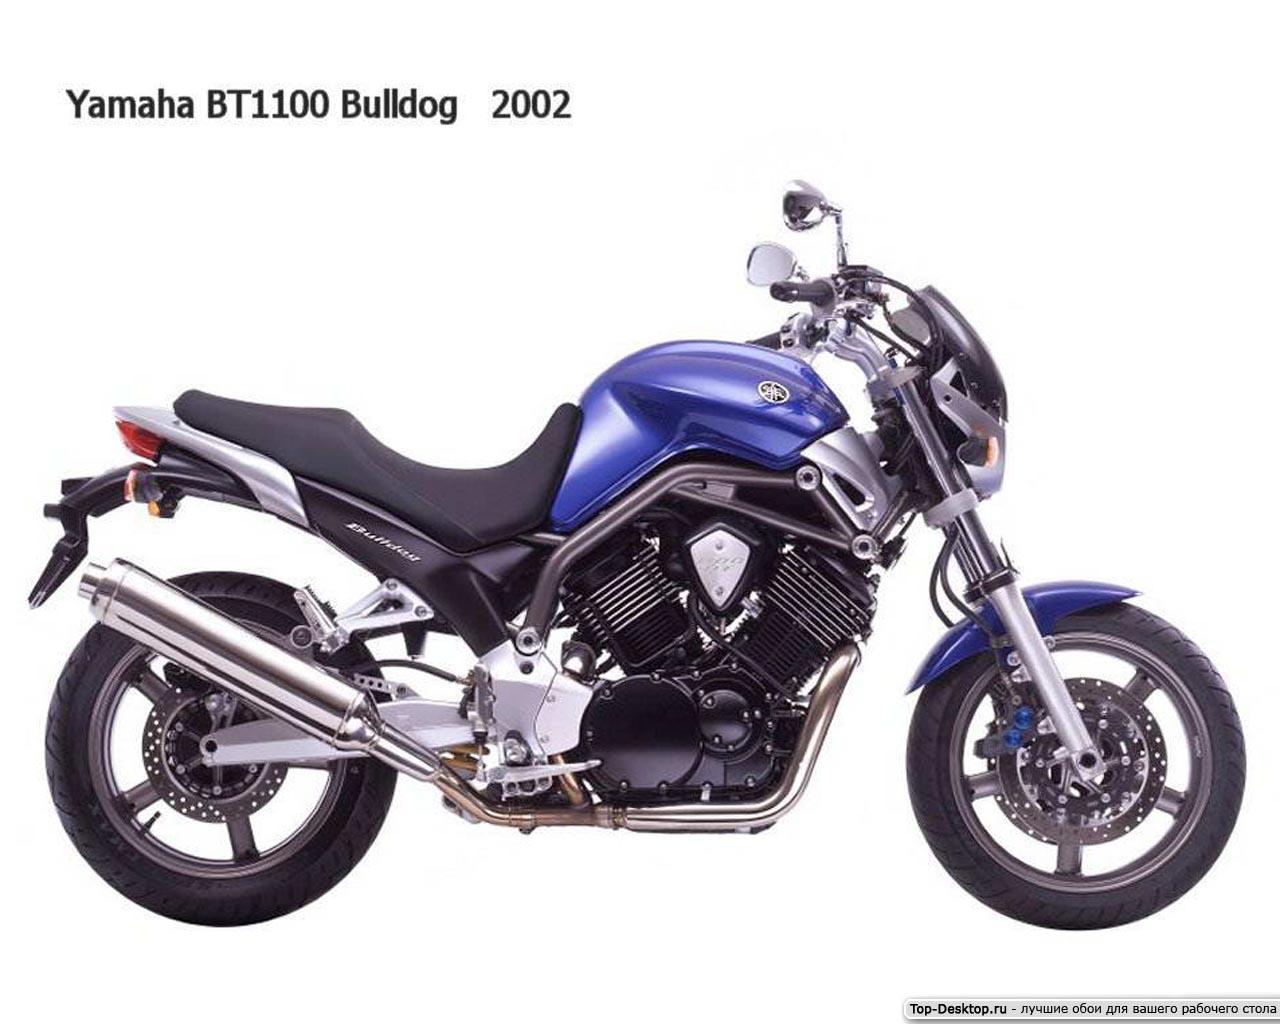 Мануалы и документация для Yamaha BT1100 Bulldog